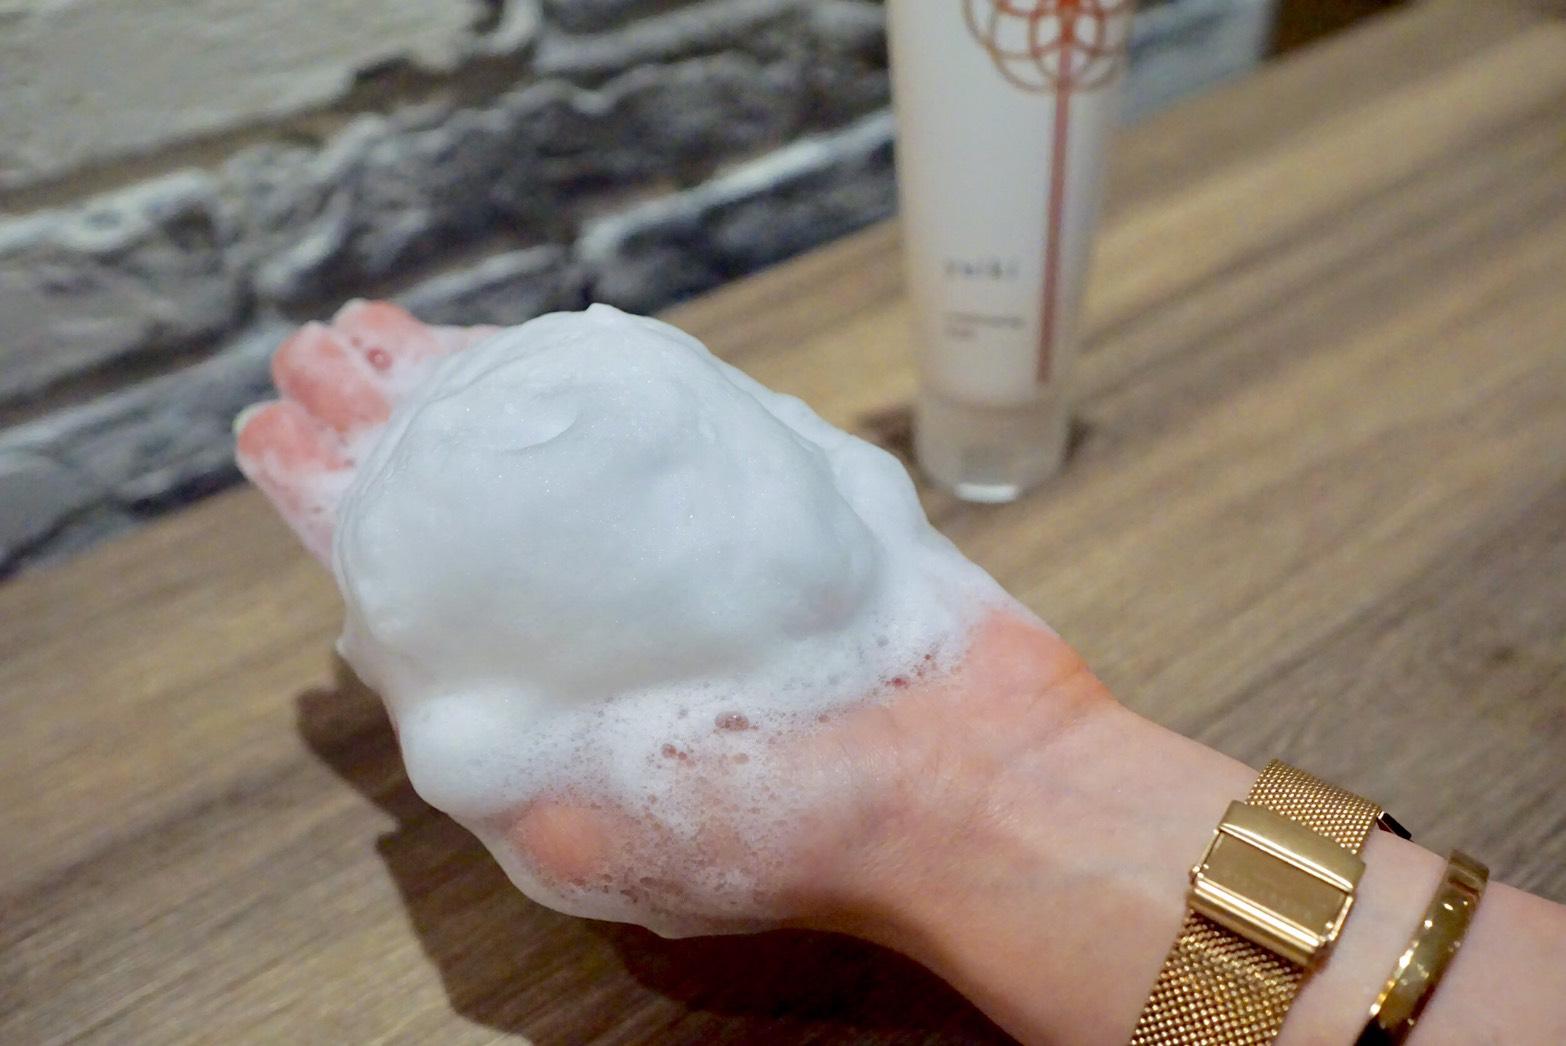 yuiki 深層調理洗面乳 綿密泡泡